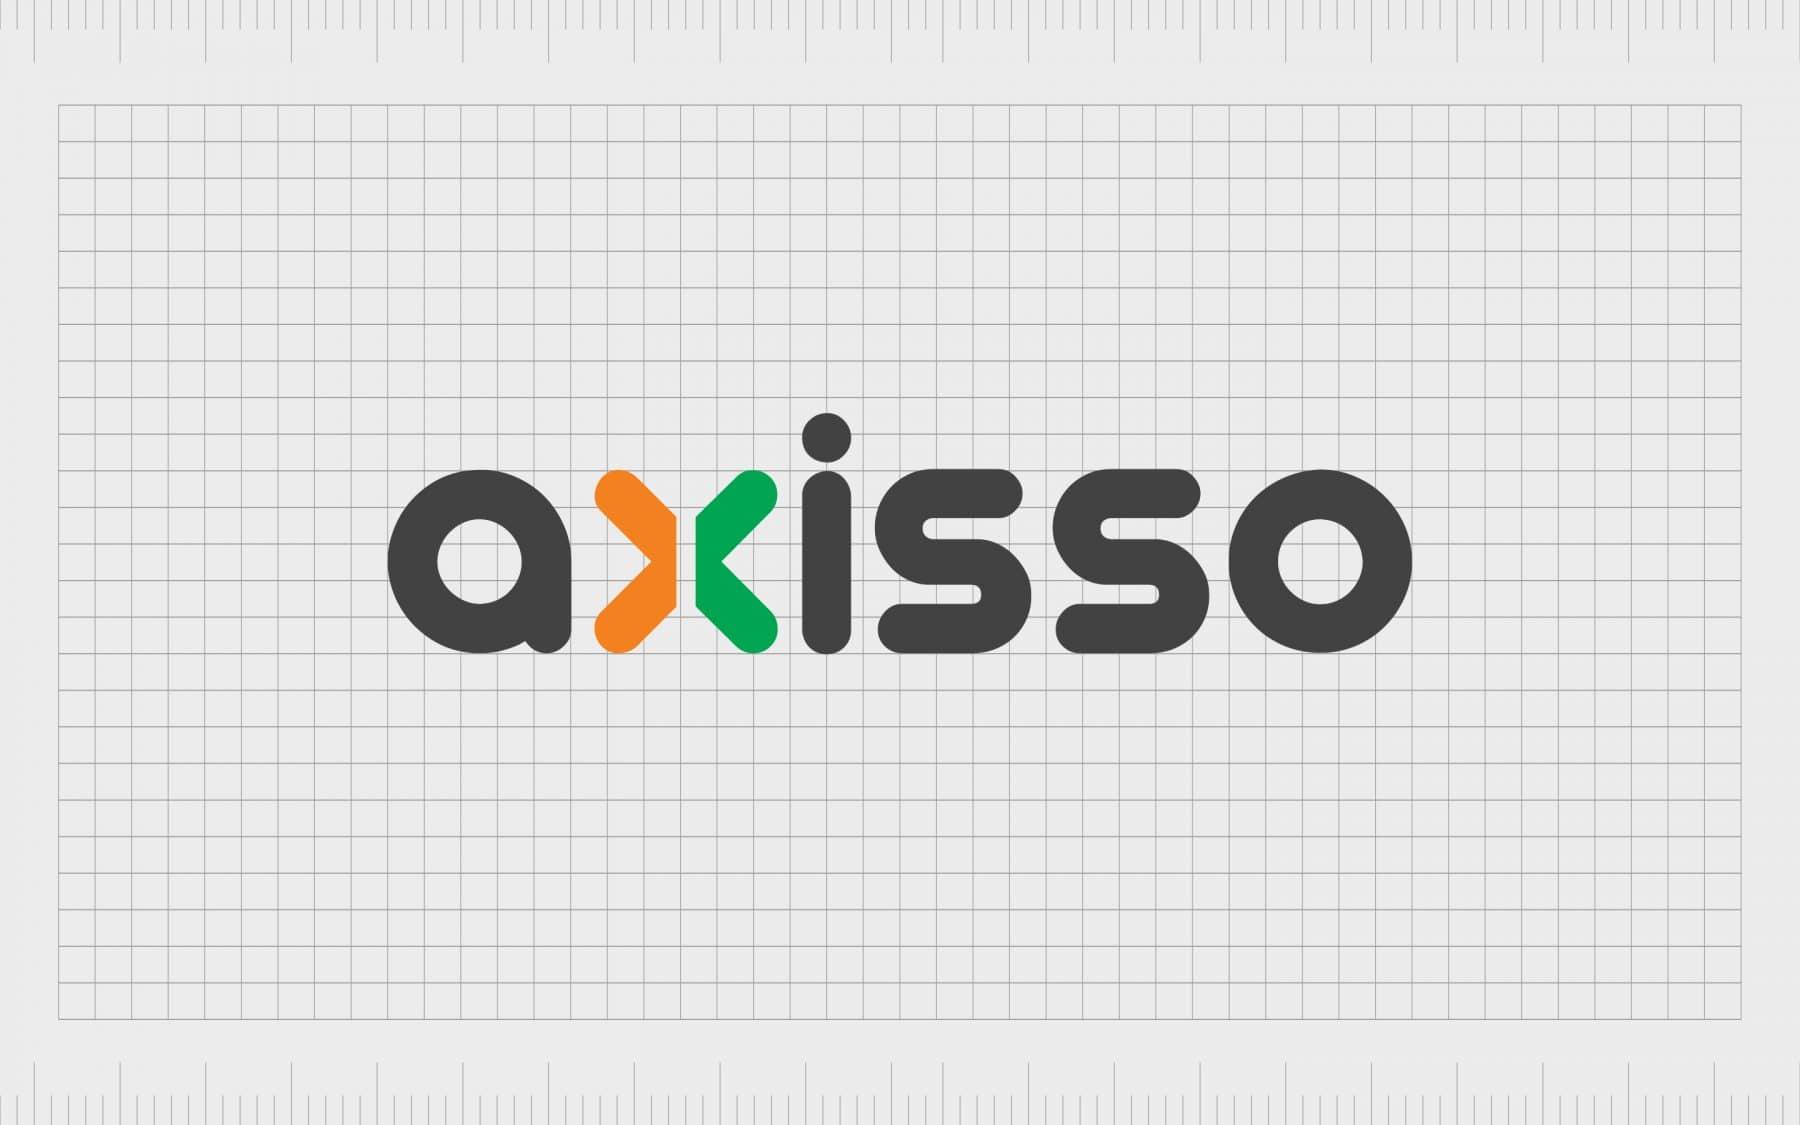 Axisso